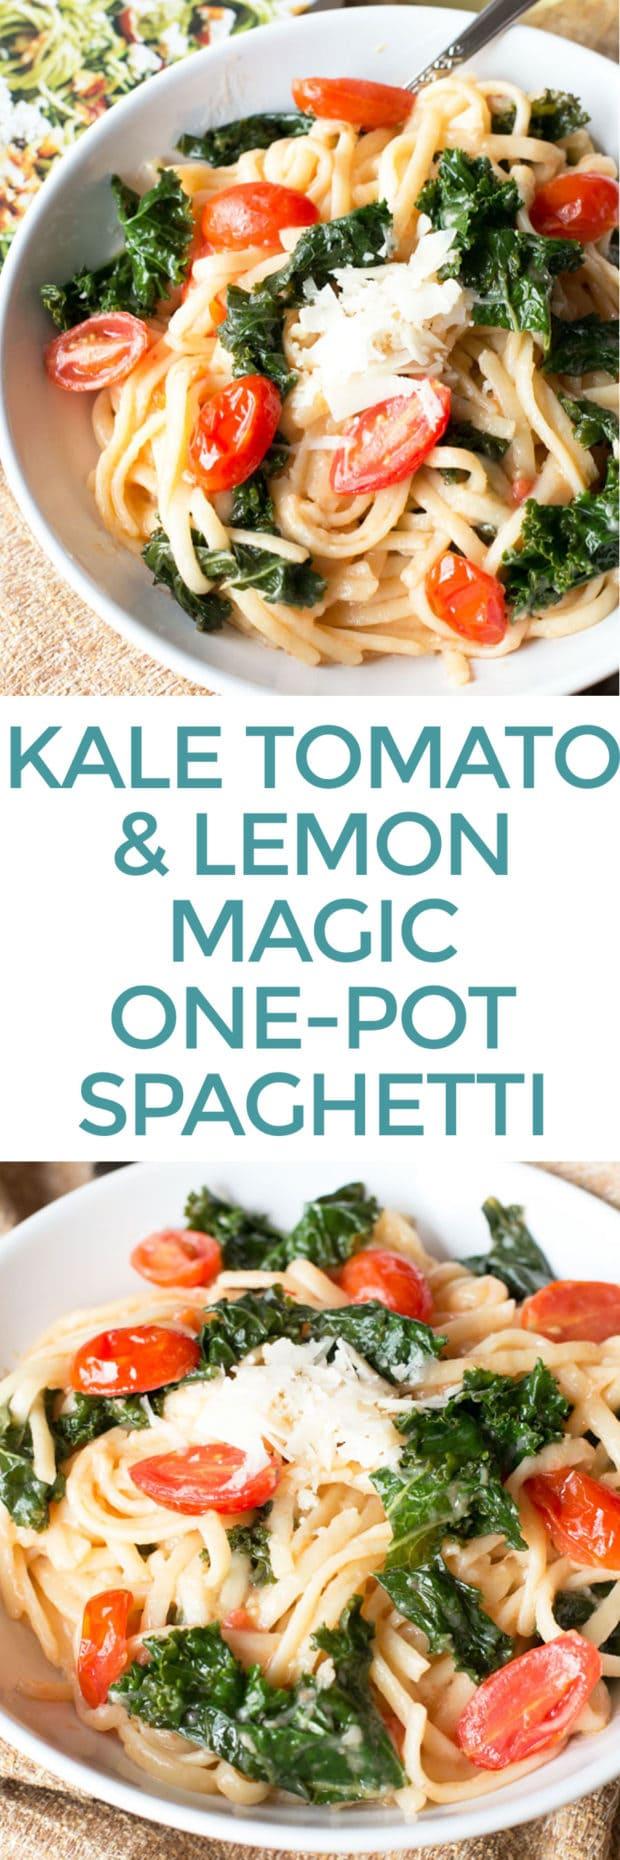 Kale, Tomato, and Lemon Magic One-Pot Spaghetti | cakenknife.com